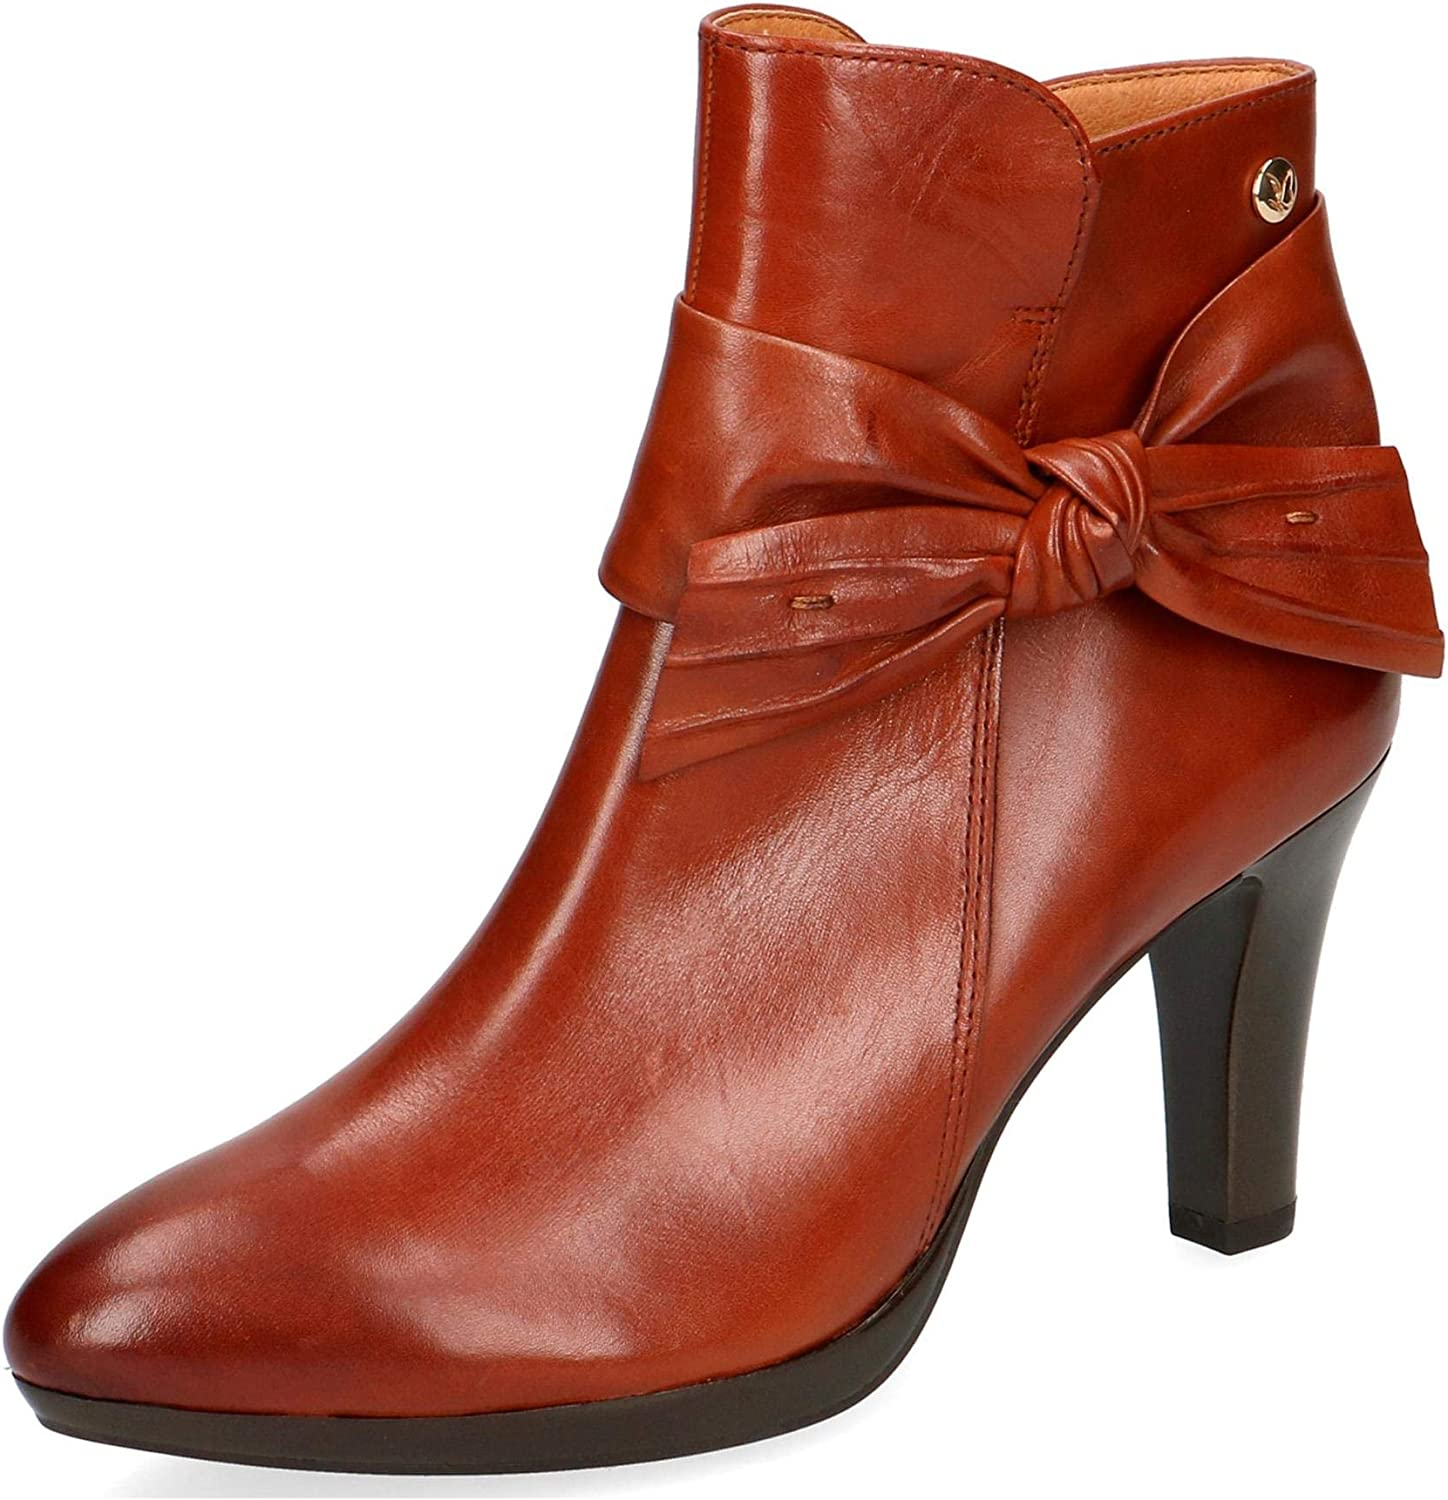 CAPRICE Damen Stiefeletten Elegante Stiefelette 25343-303 braun 523408  | Fein Verarbeitet  | Neues Design